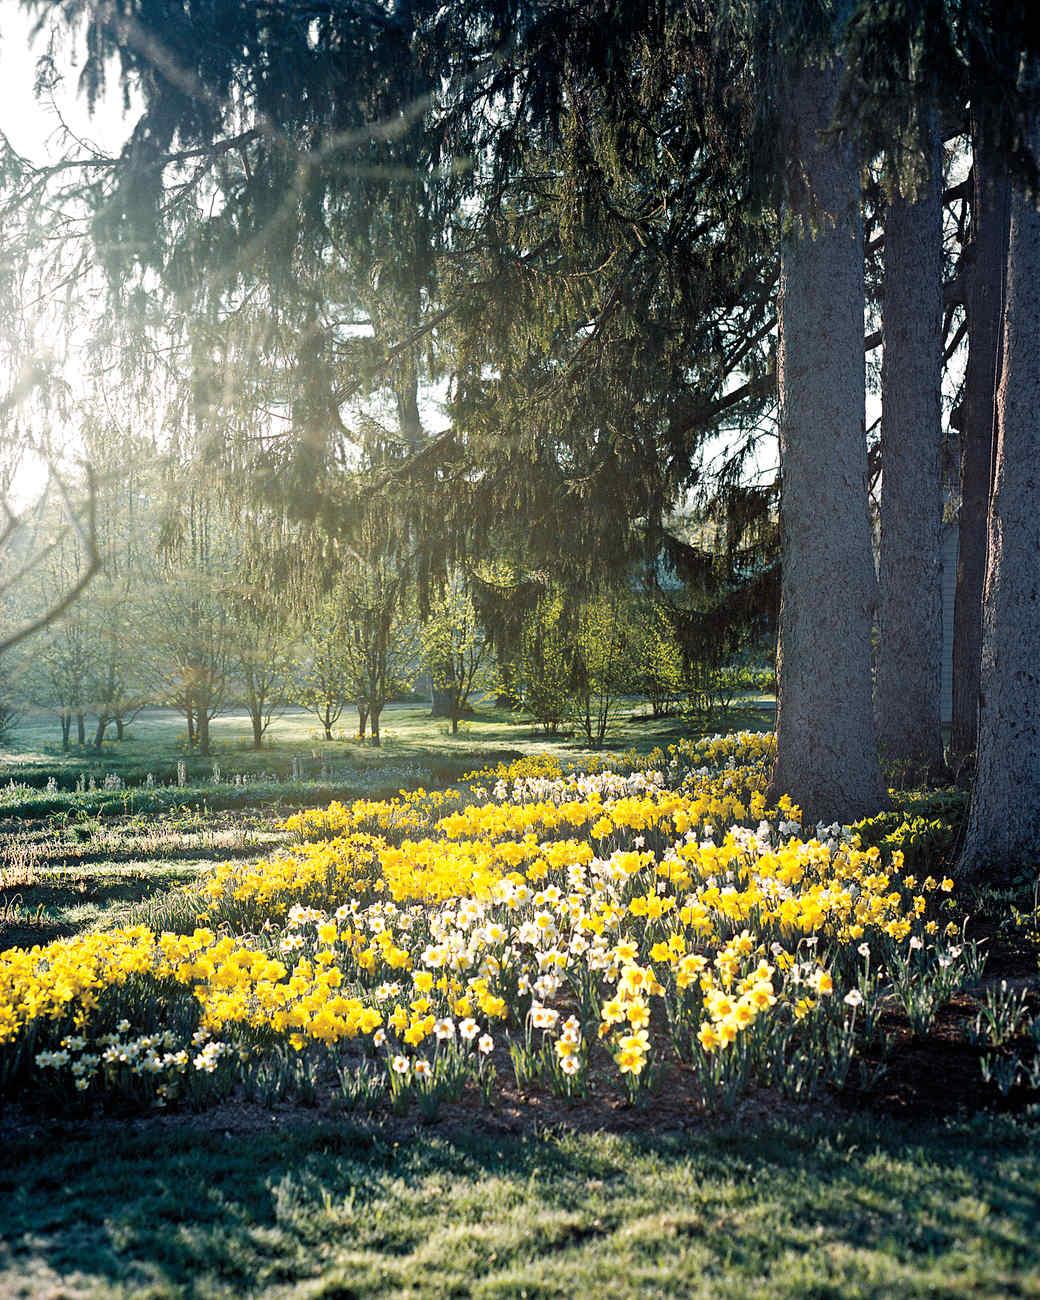 blooming-daffodils-23-4a-2-md110227.jpg